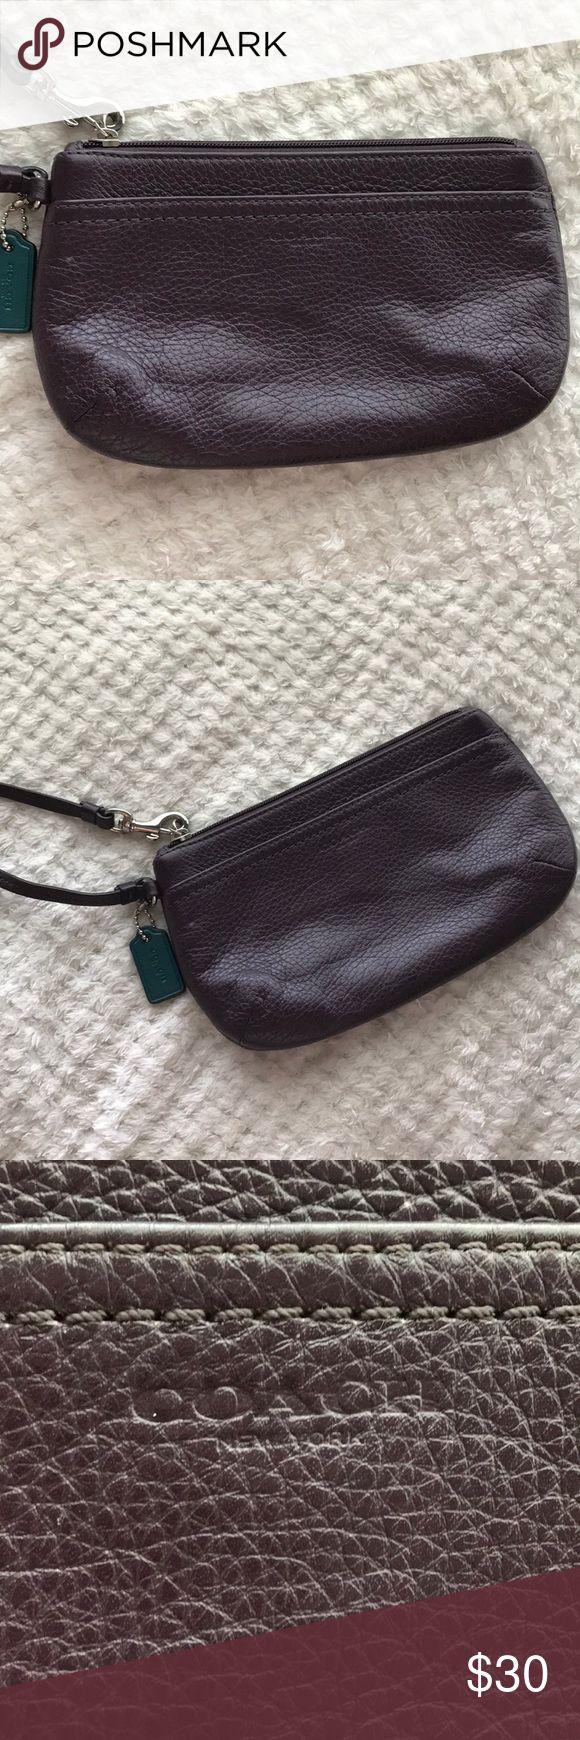 Purple Coach Wristlet Authentic Coach Wristlet  Color: Purple Coach Bags Clutches & Wristlets